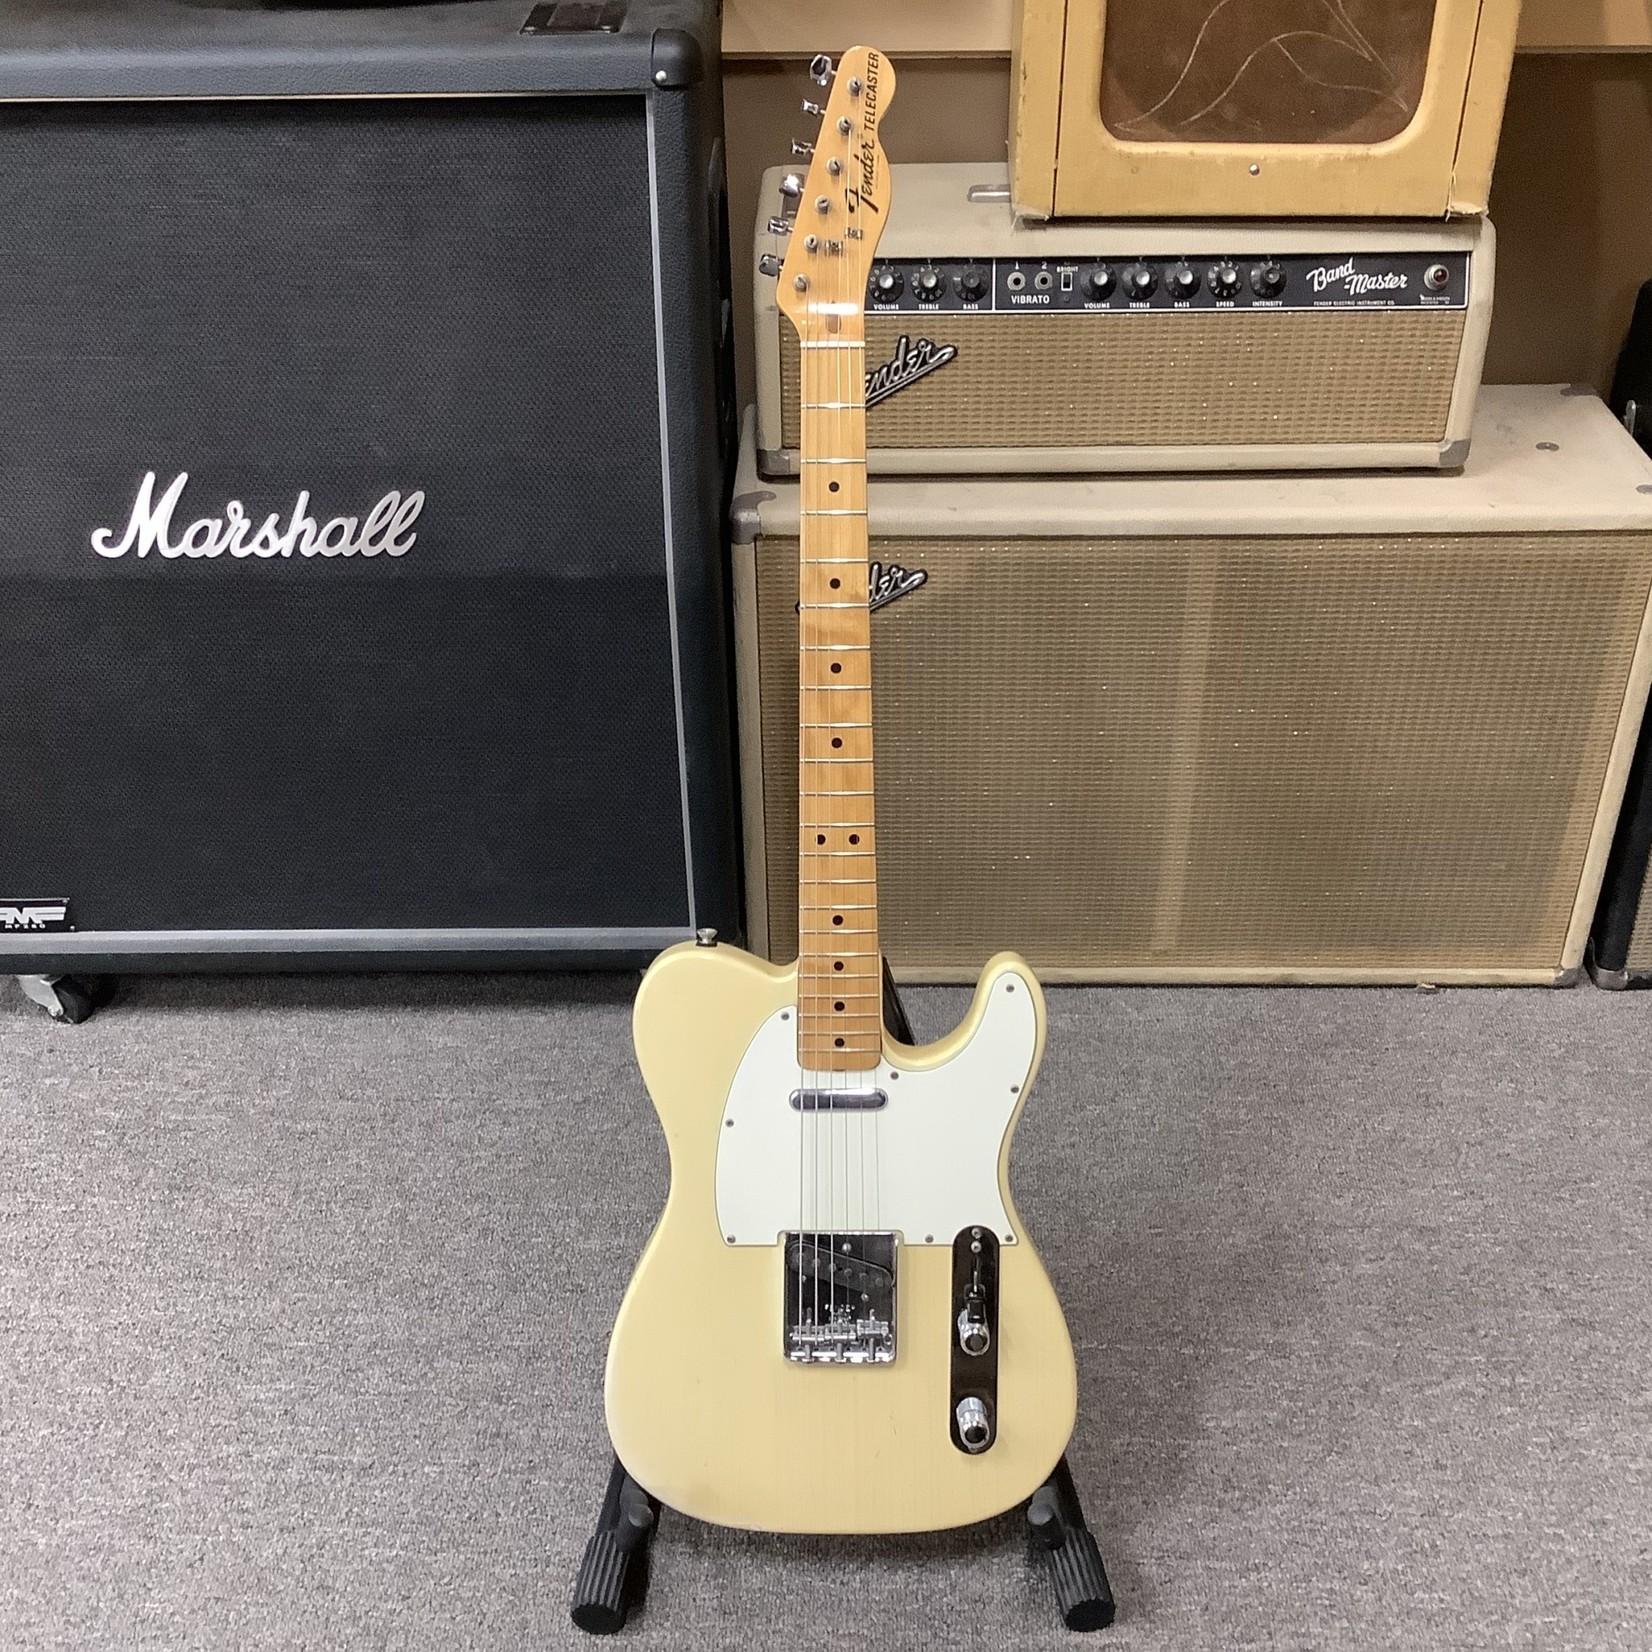 Fender 1973 Fender Telecaster Blonde Maple Neck, White Pickguard